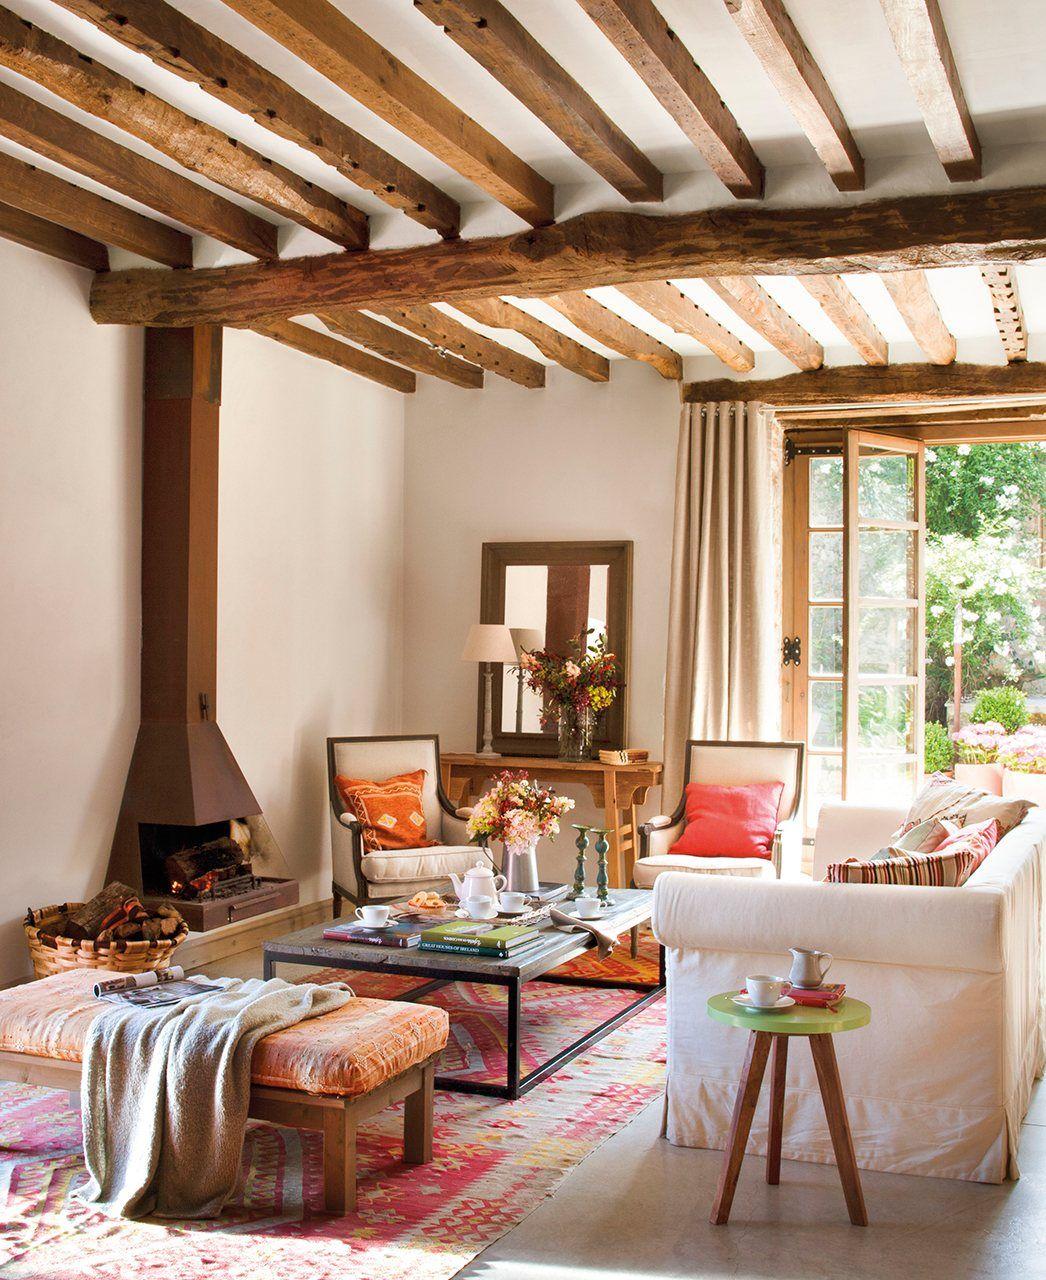 12 buenas ideas para decorar el sal n con estilo - Decoracion de salones con chimenea ...